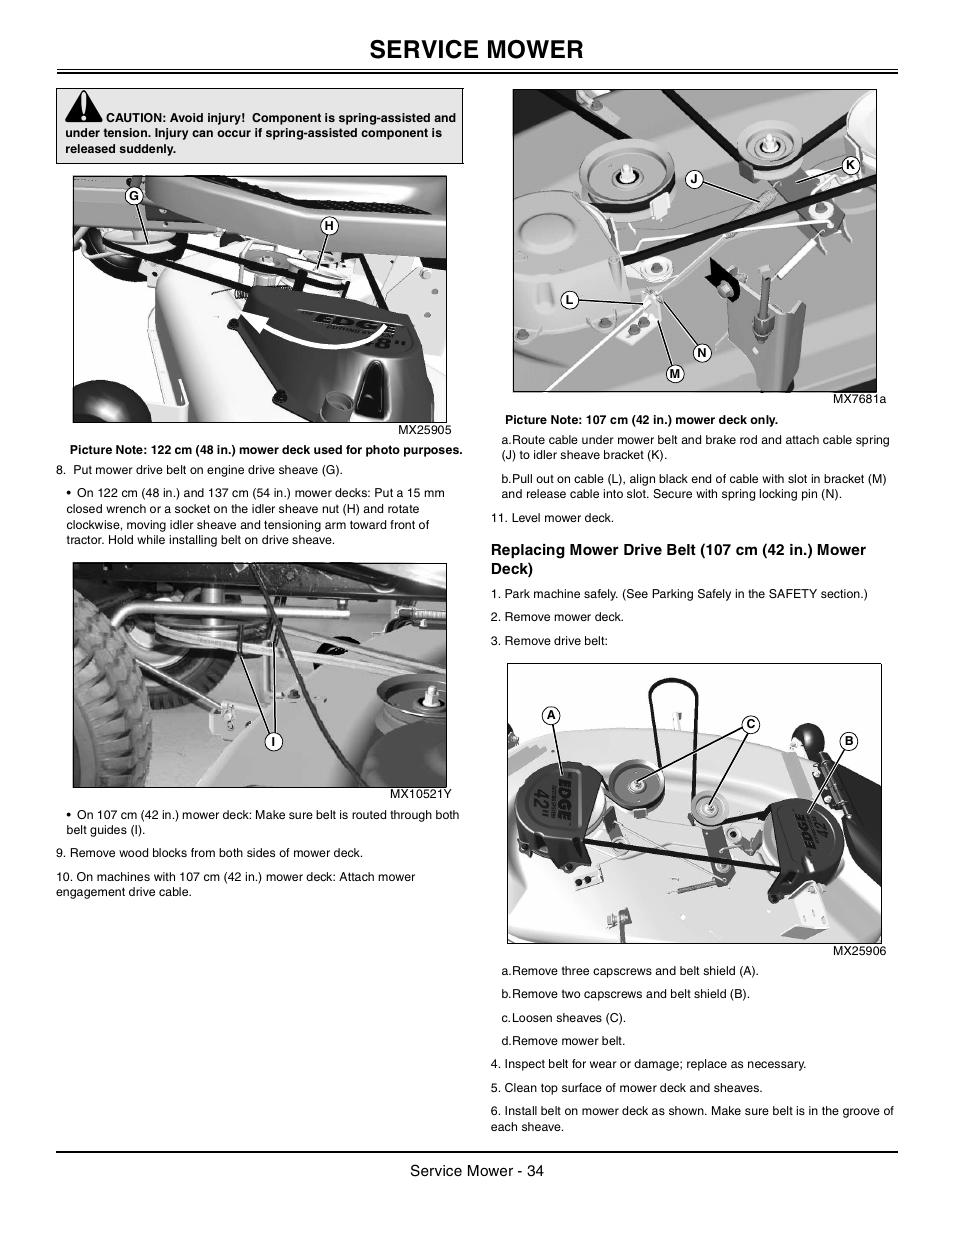 John Deere Tractor 100 Series Omg X23532 J0 User Manual Manual Guide